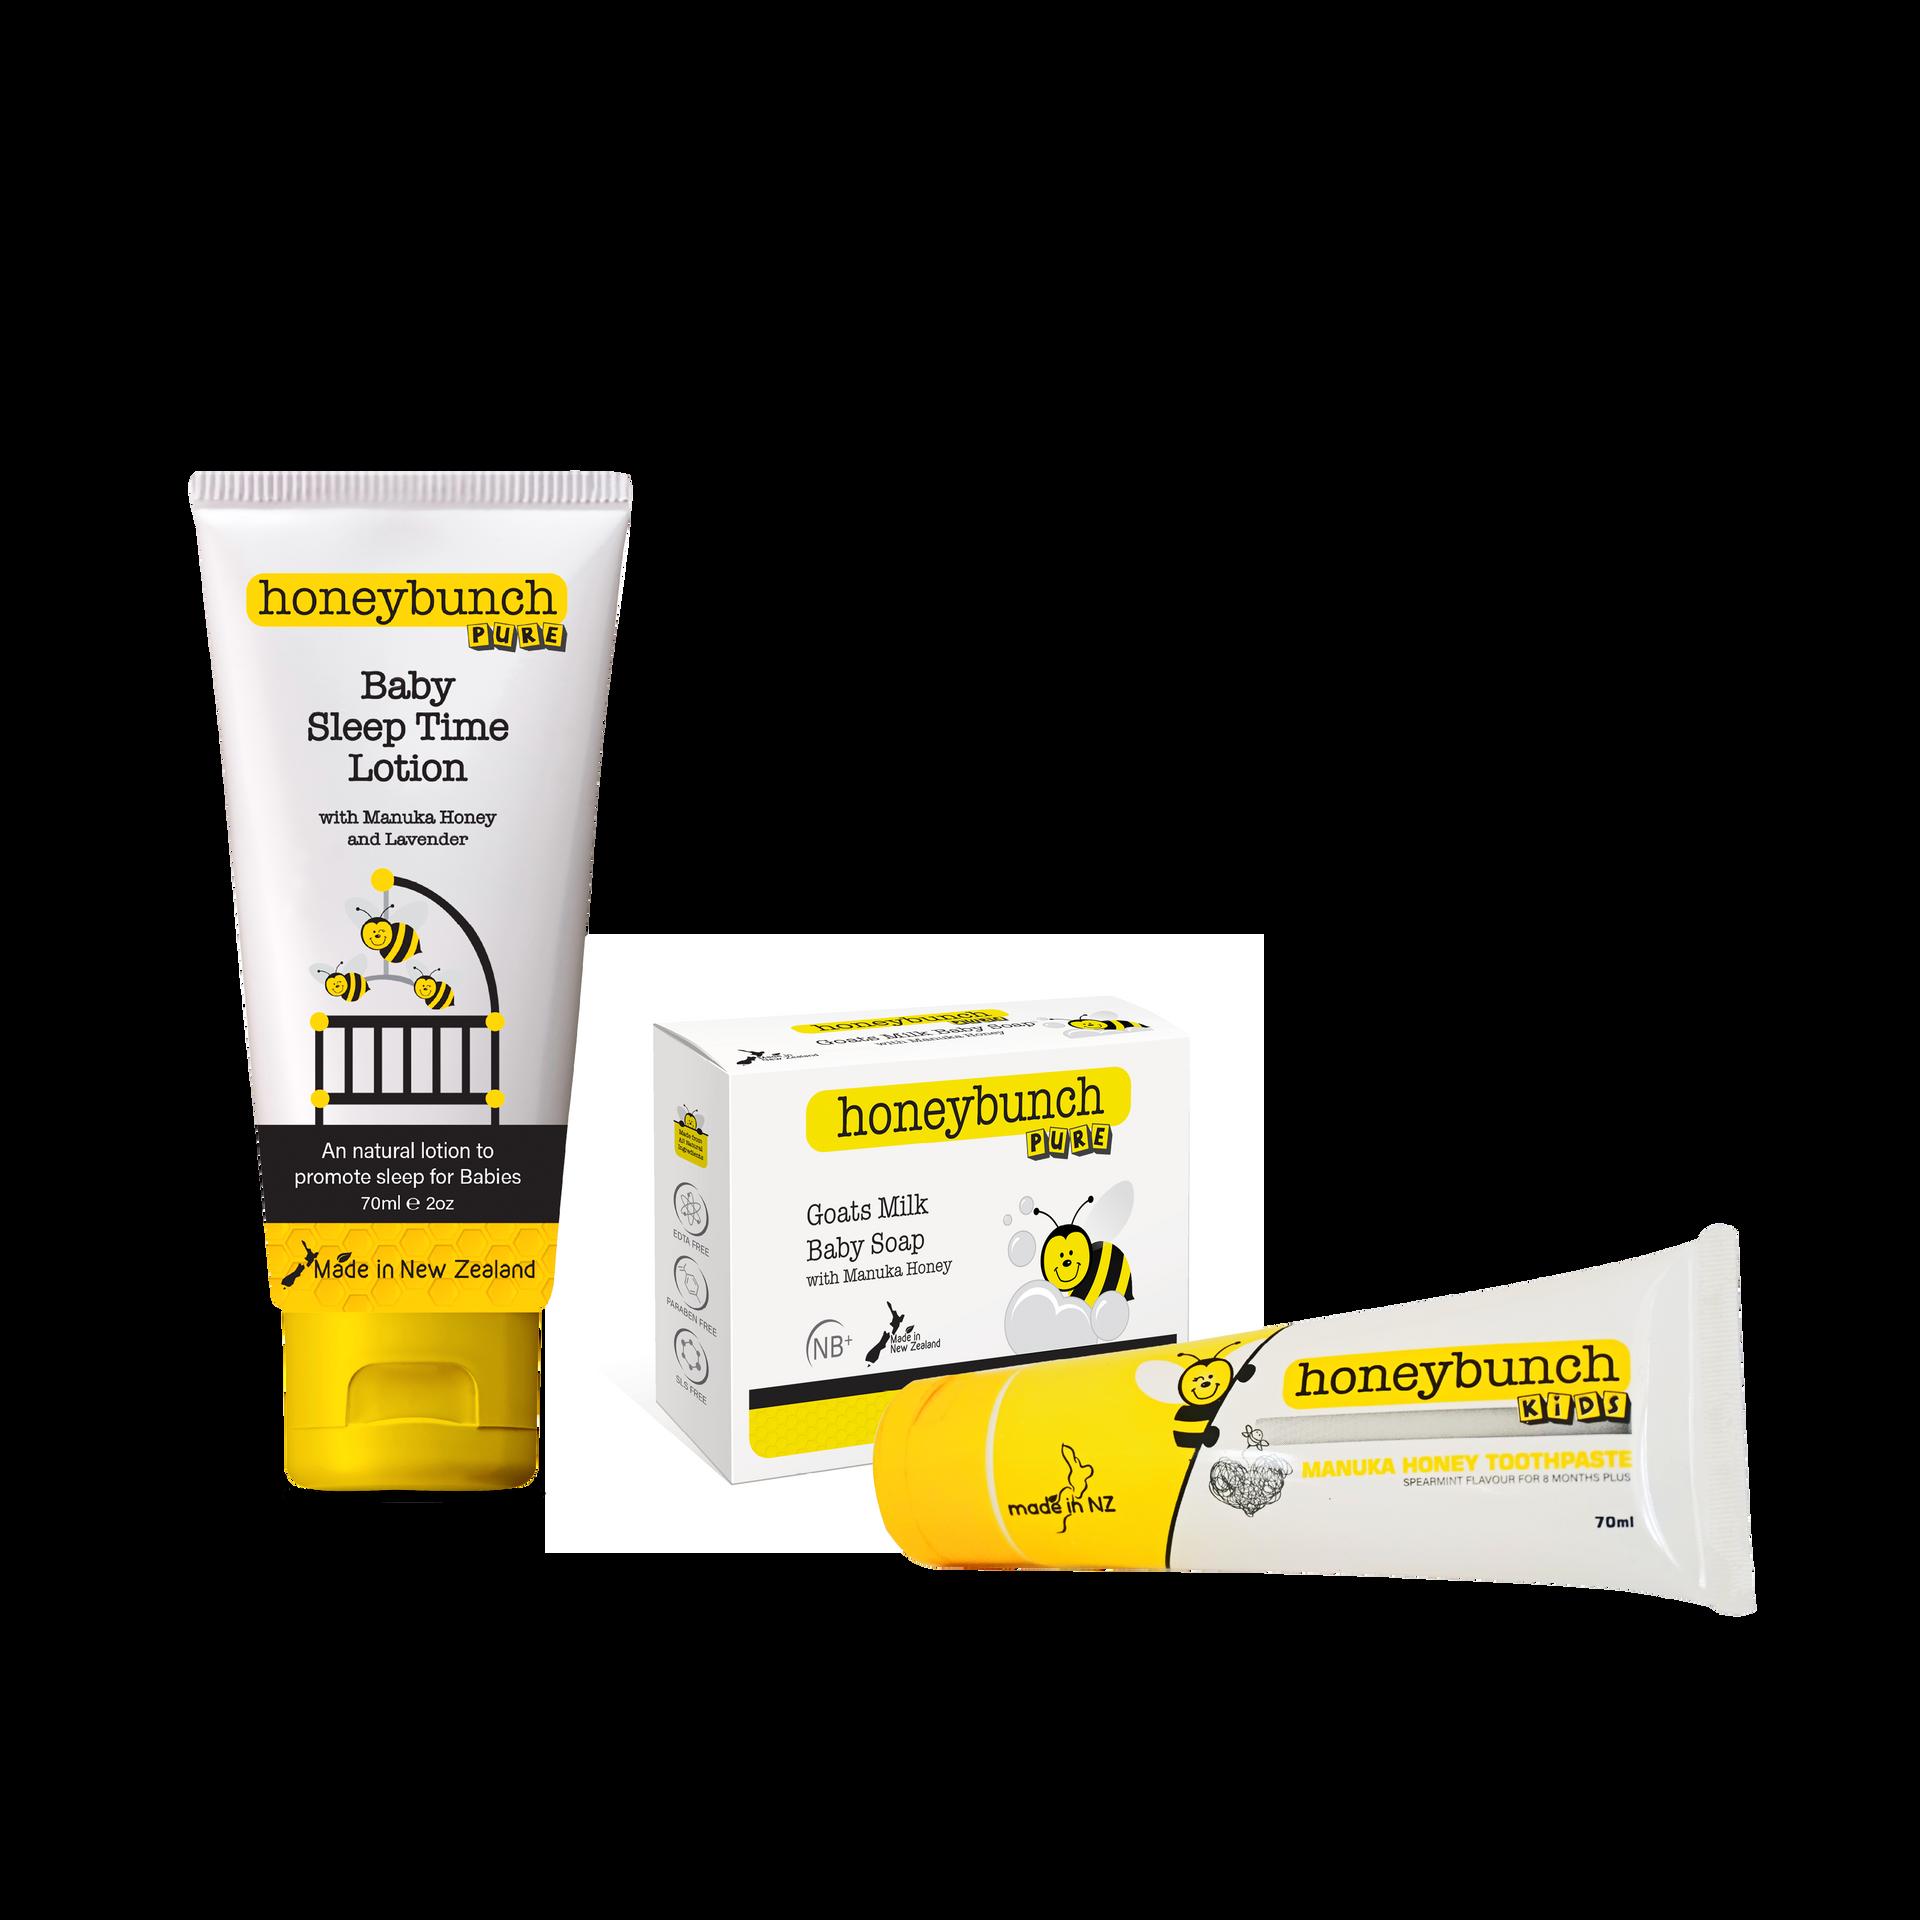 Honeybunch Pure Tavel Range